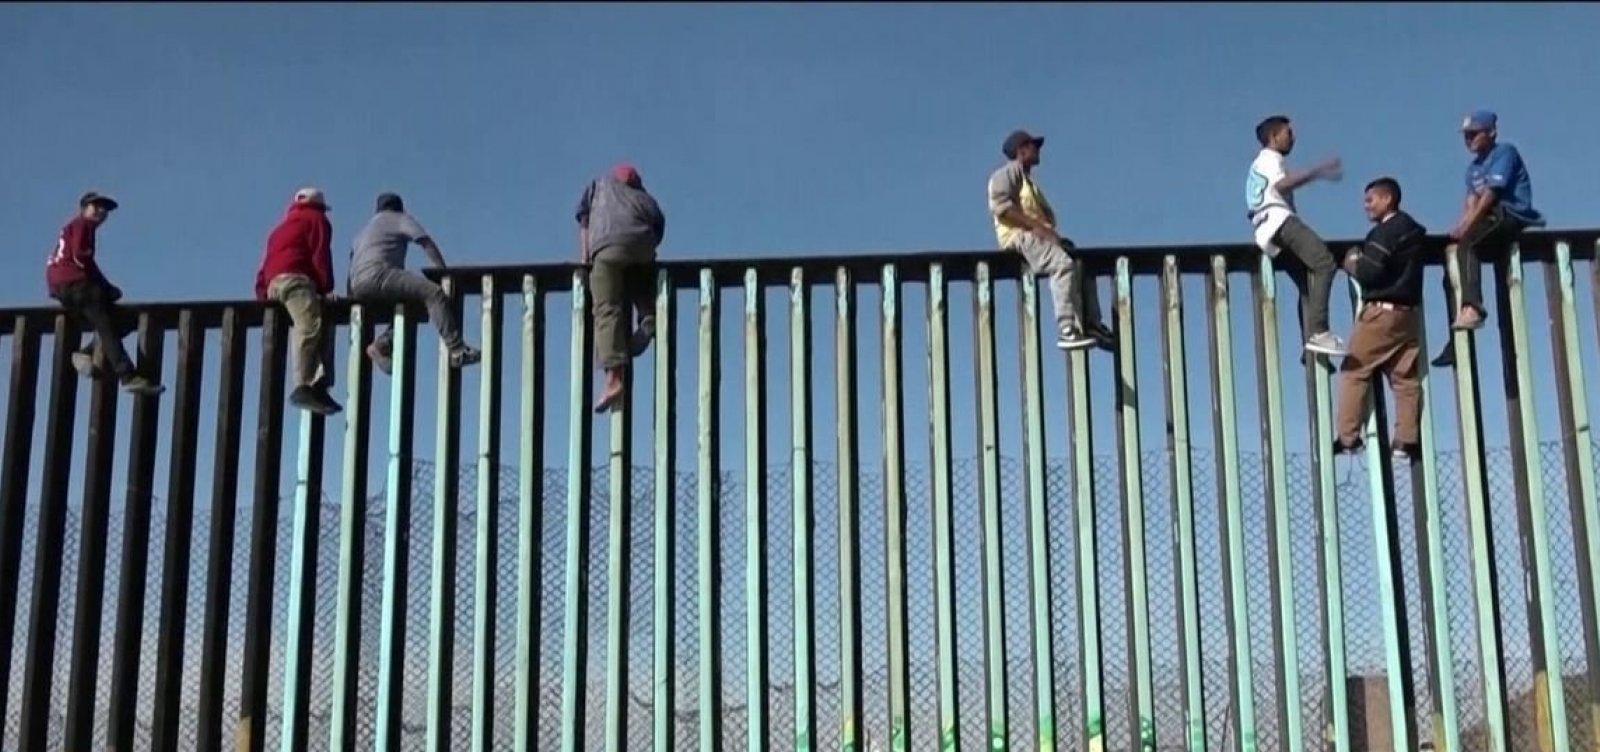 [Anistia lança campanha contra políticas migratórias dos EUA]